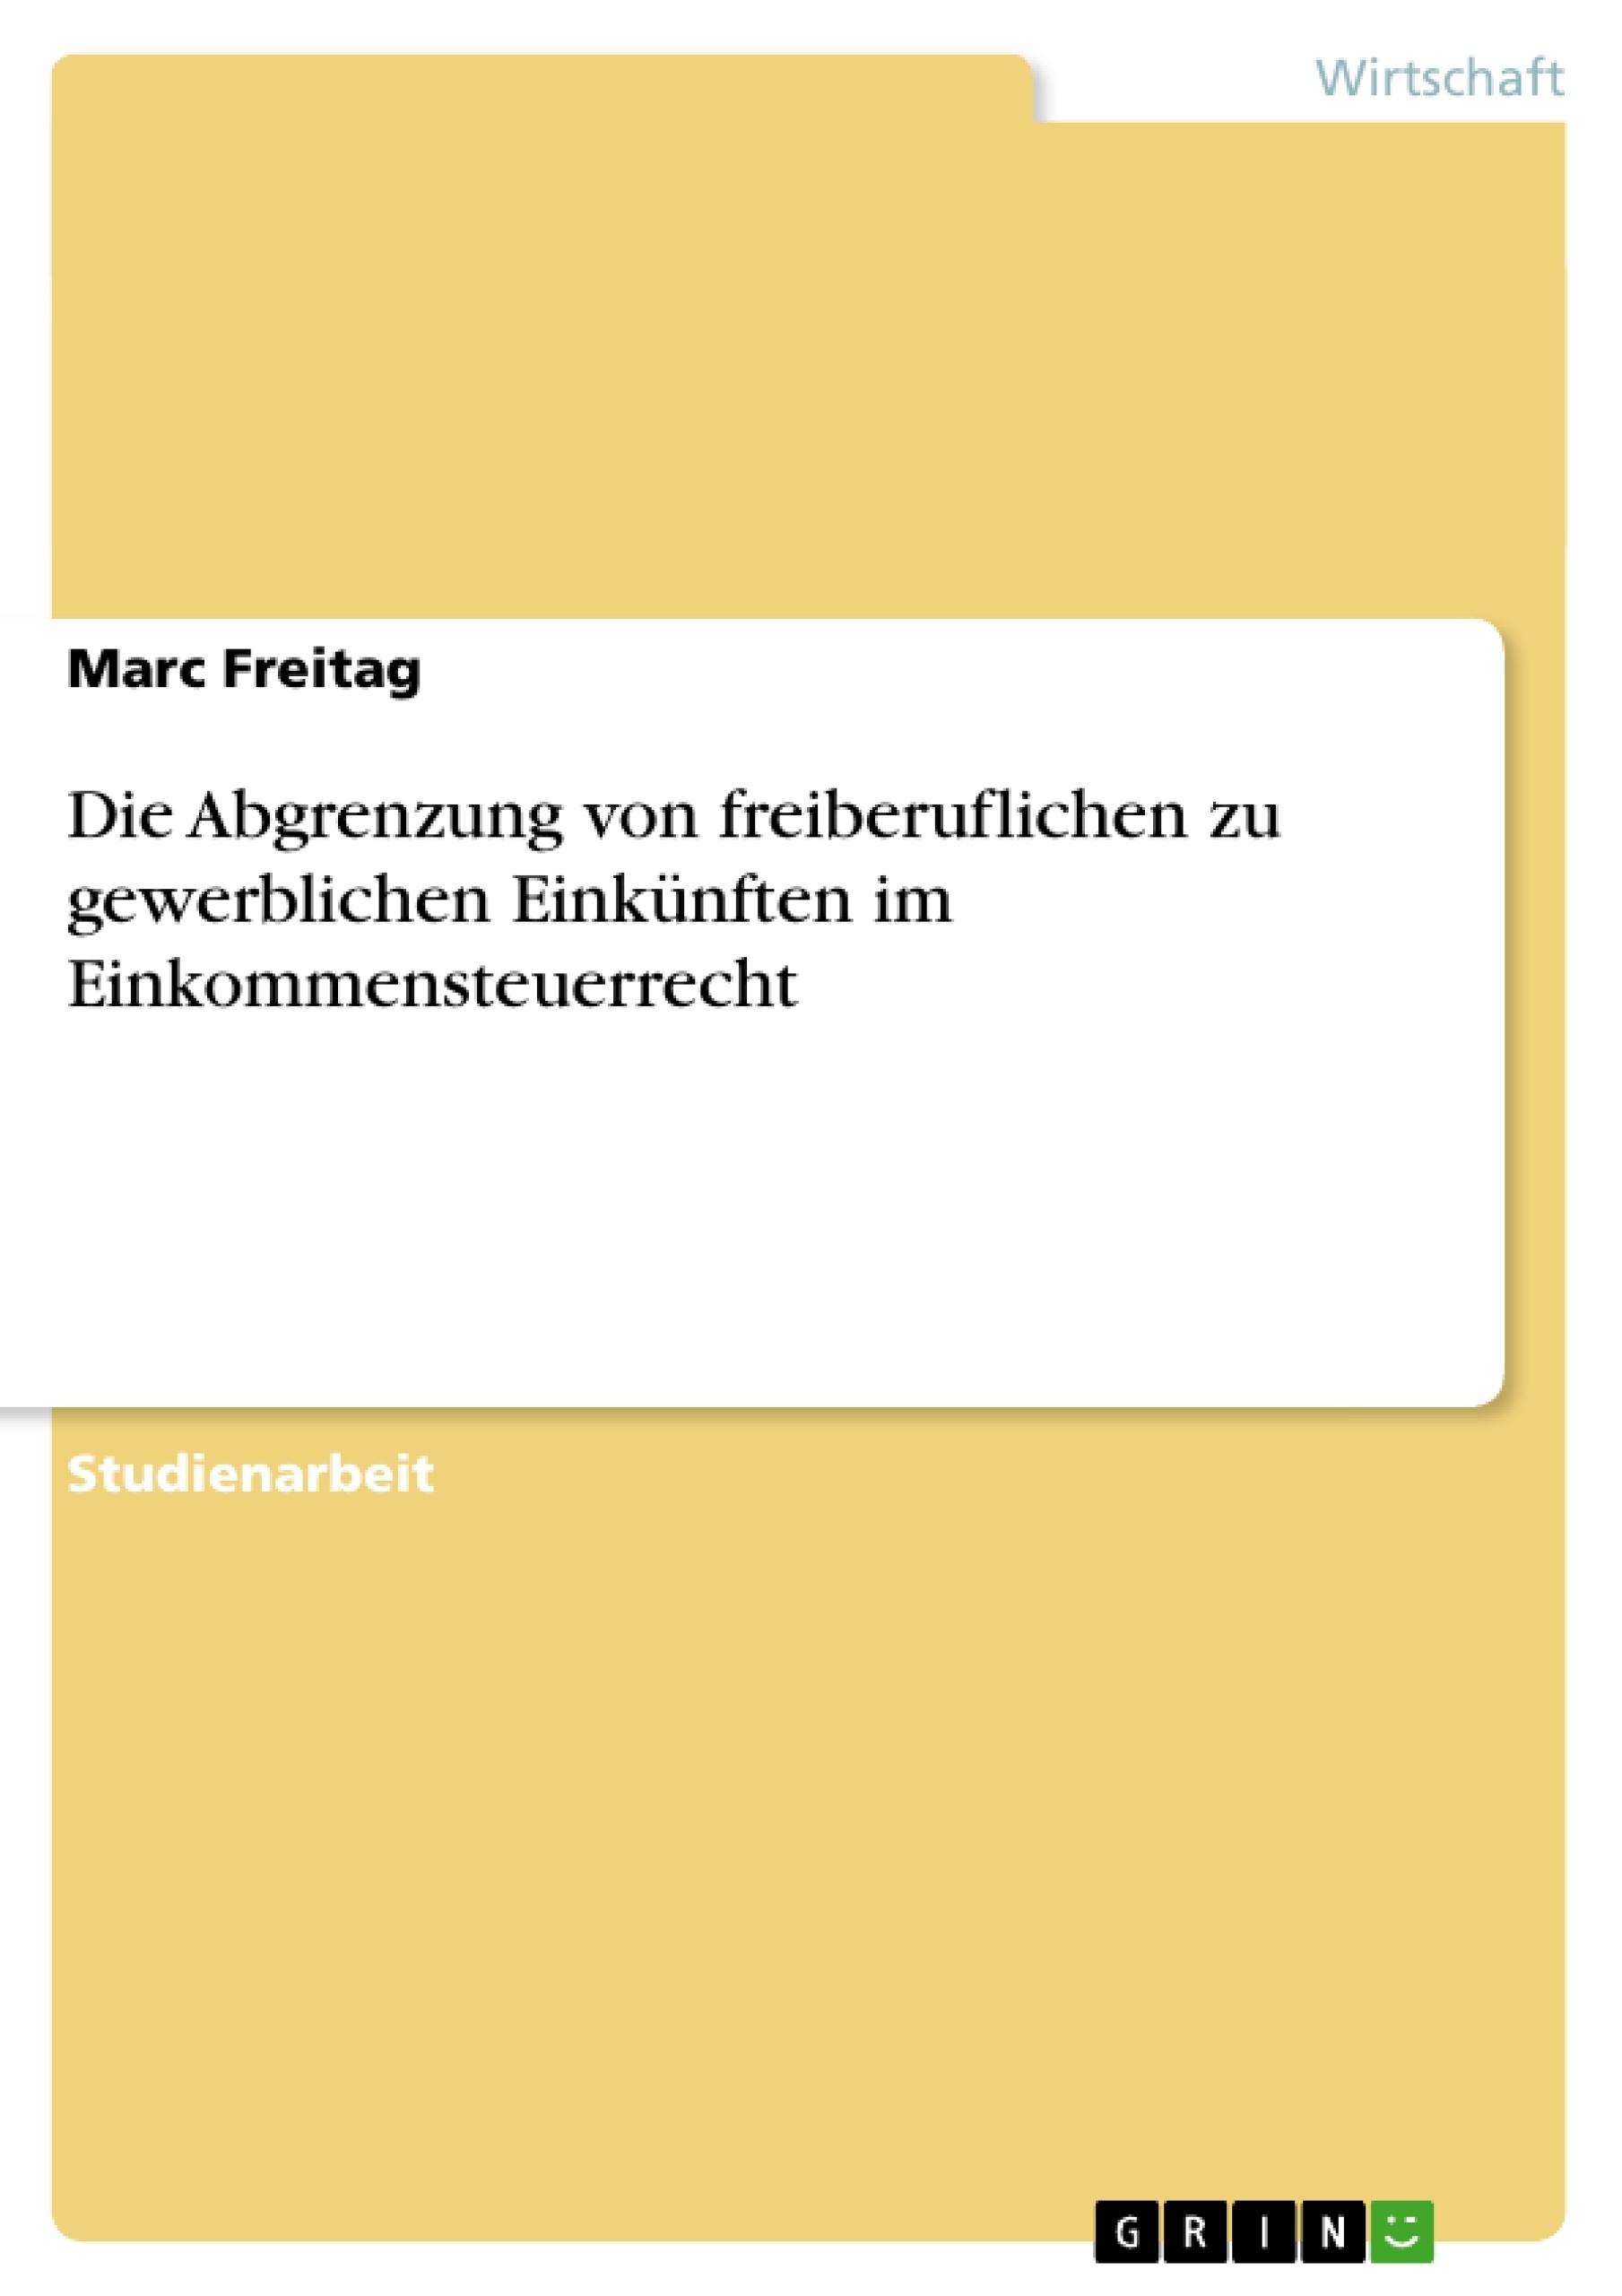 Titel: Die Abgrenzung von freiberuflichen zu gewerblichen Einkünften im Einkommensteuerrecht